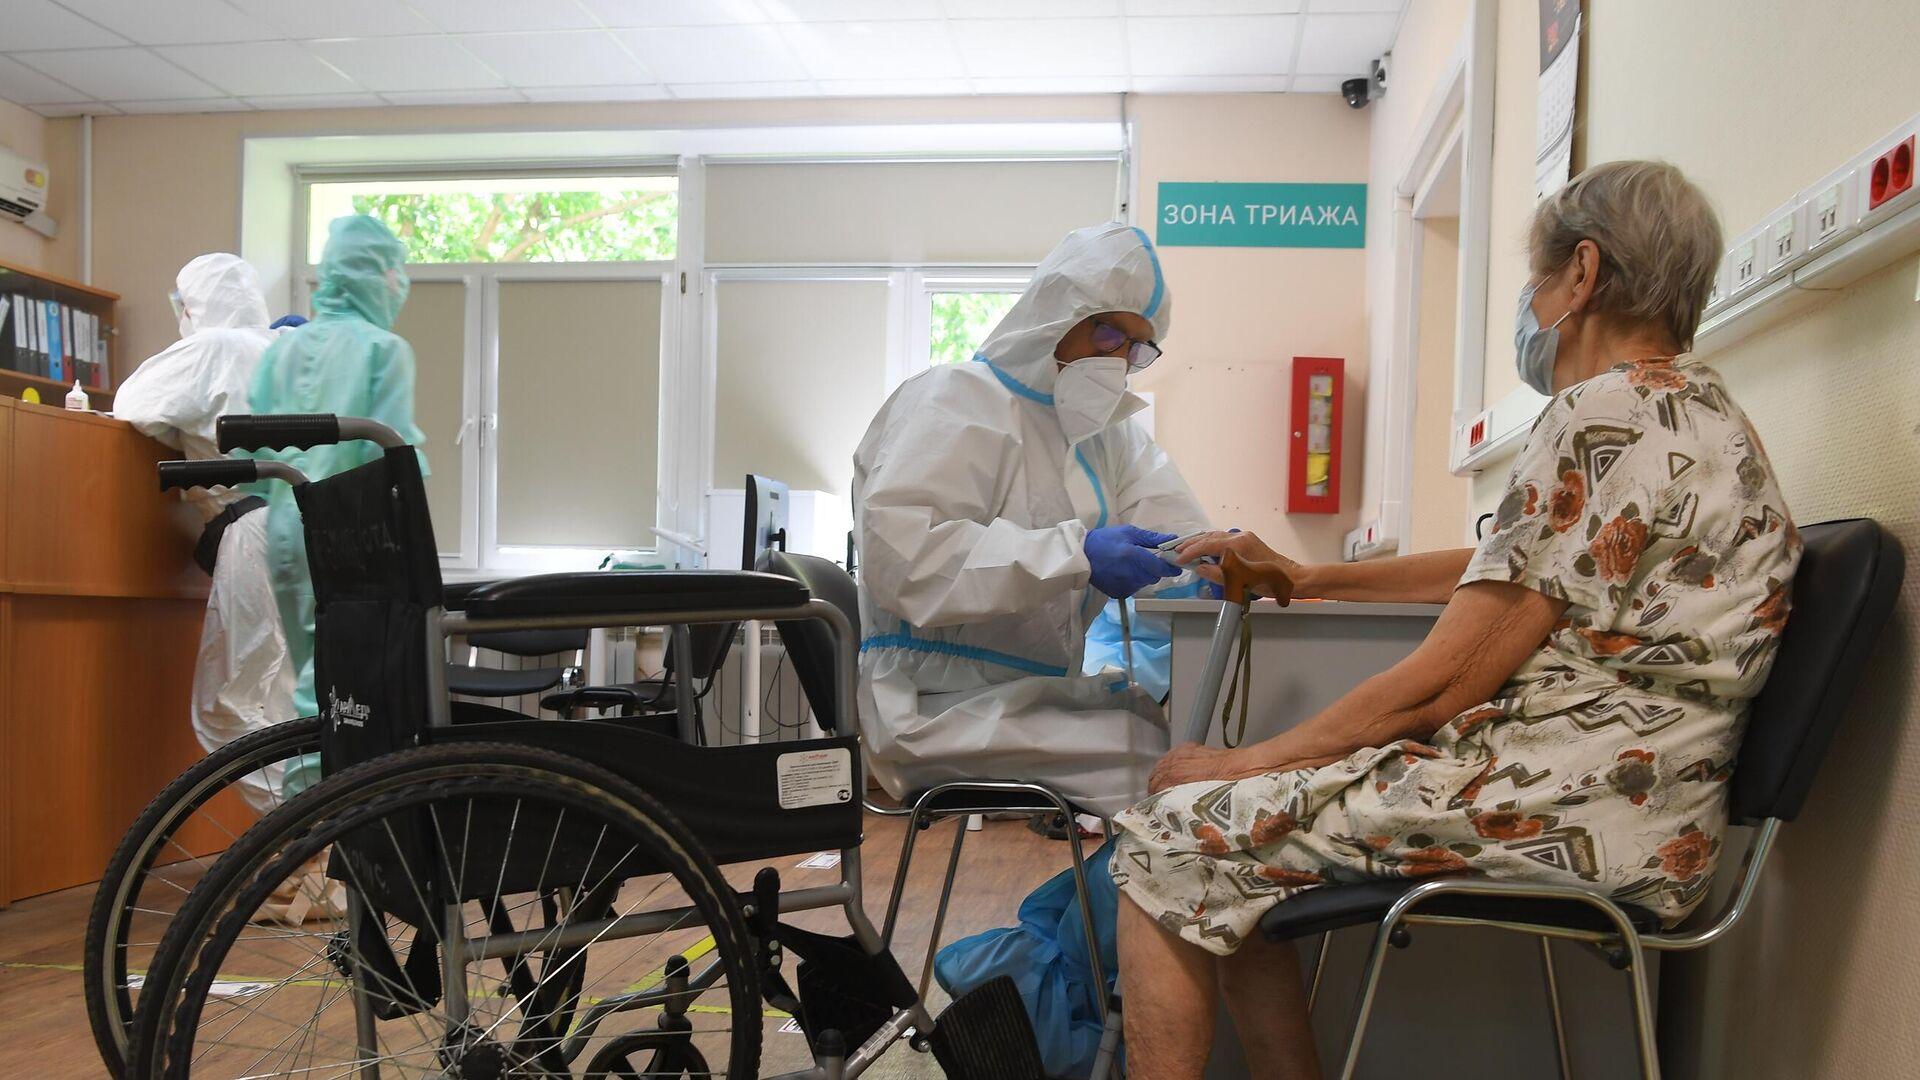 Медицинский работник с пациентом в госпитале COVID-19 в городской клинической больнице № 52 в Москве - РИА Новости, 1920, 28.09.2021